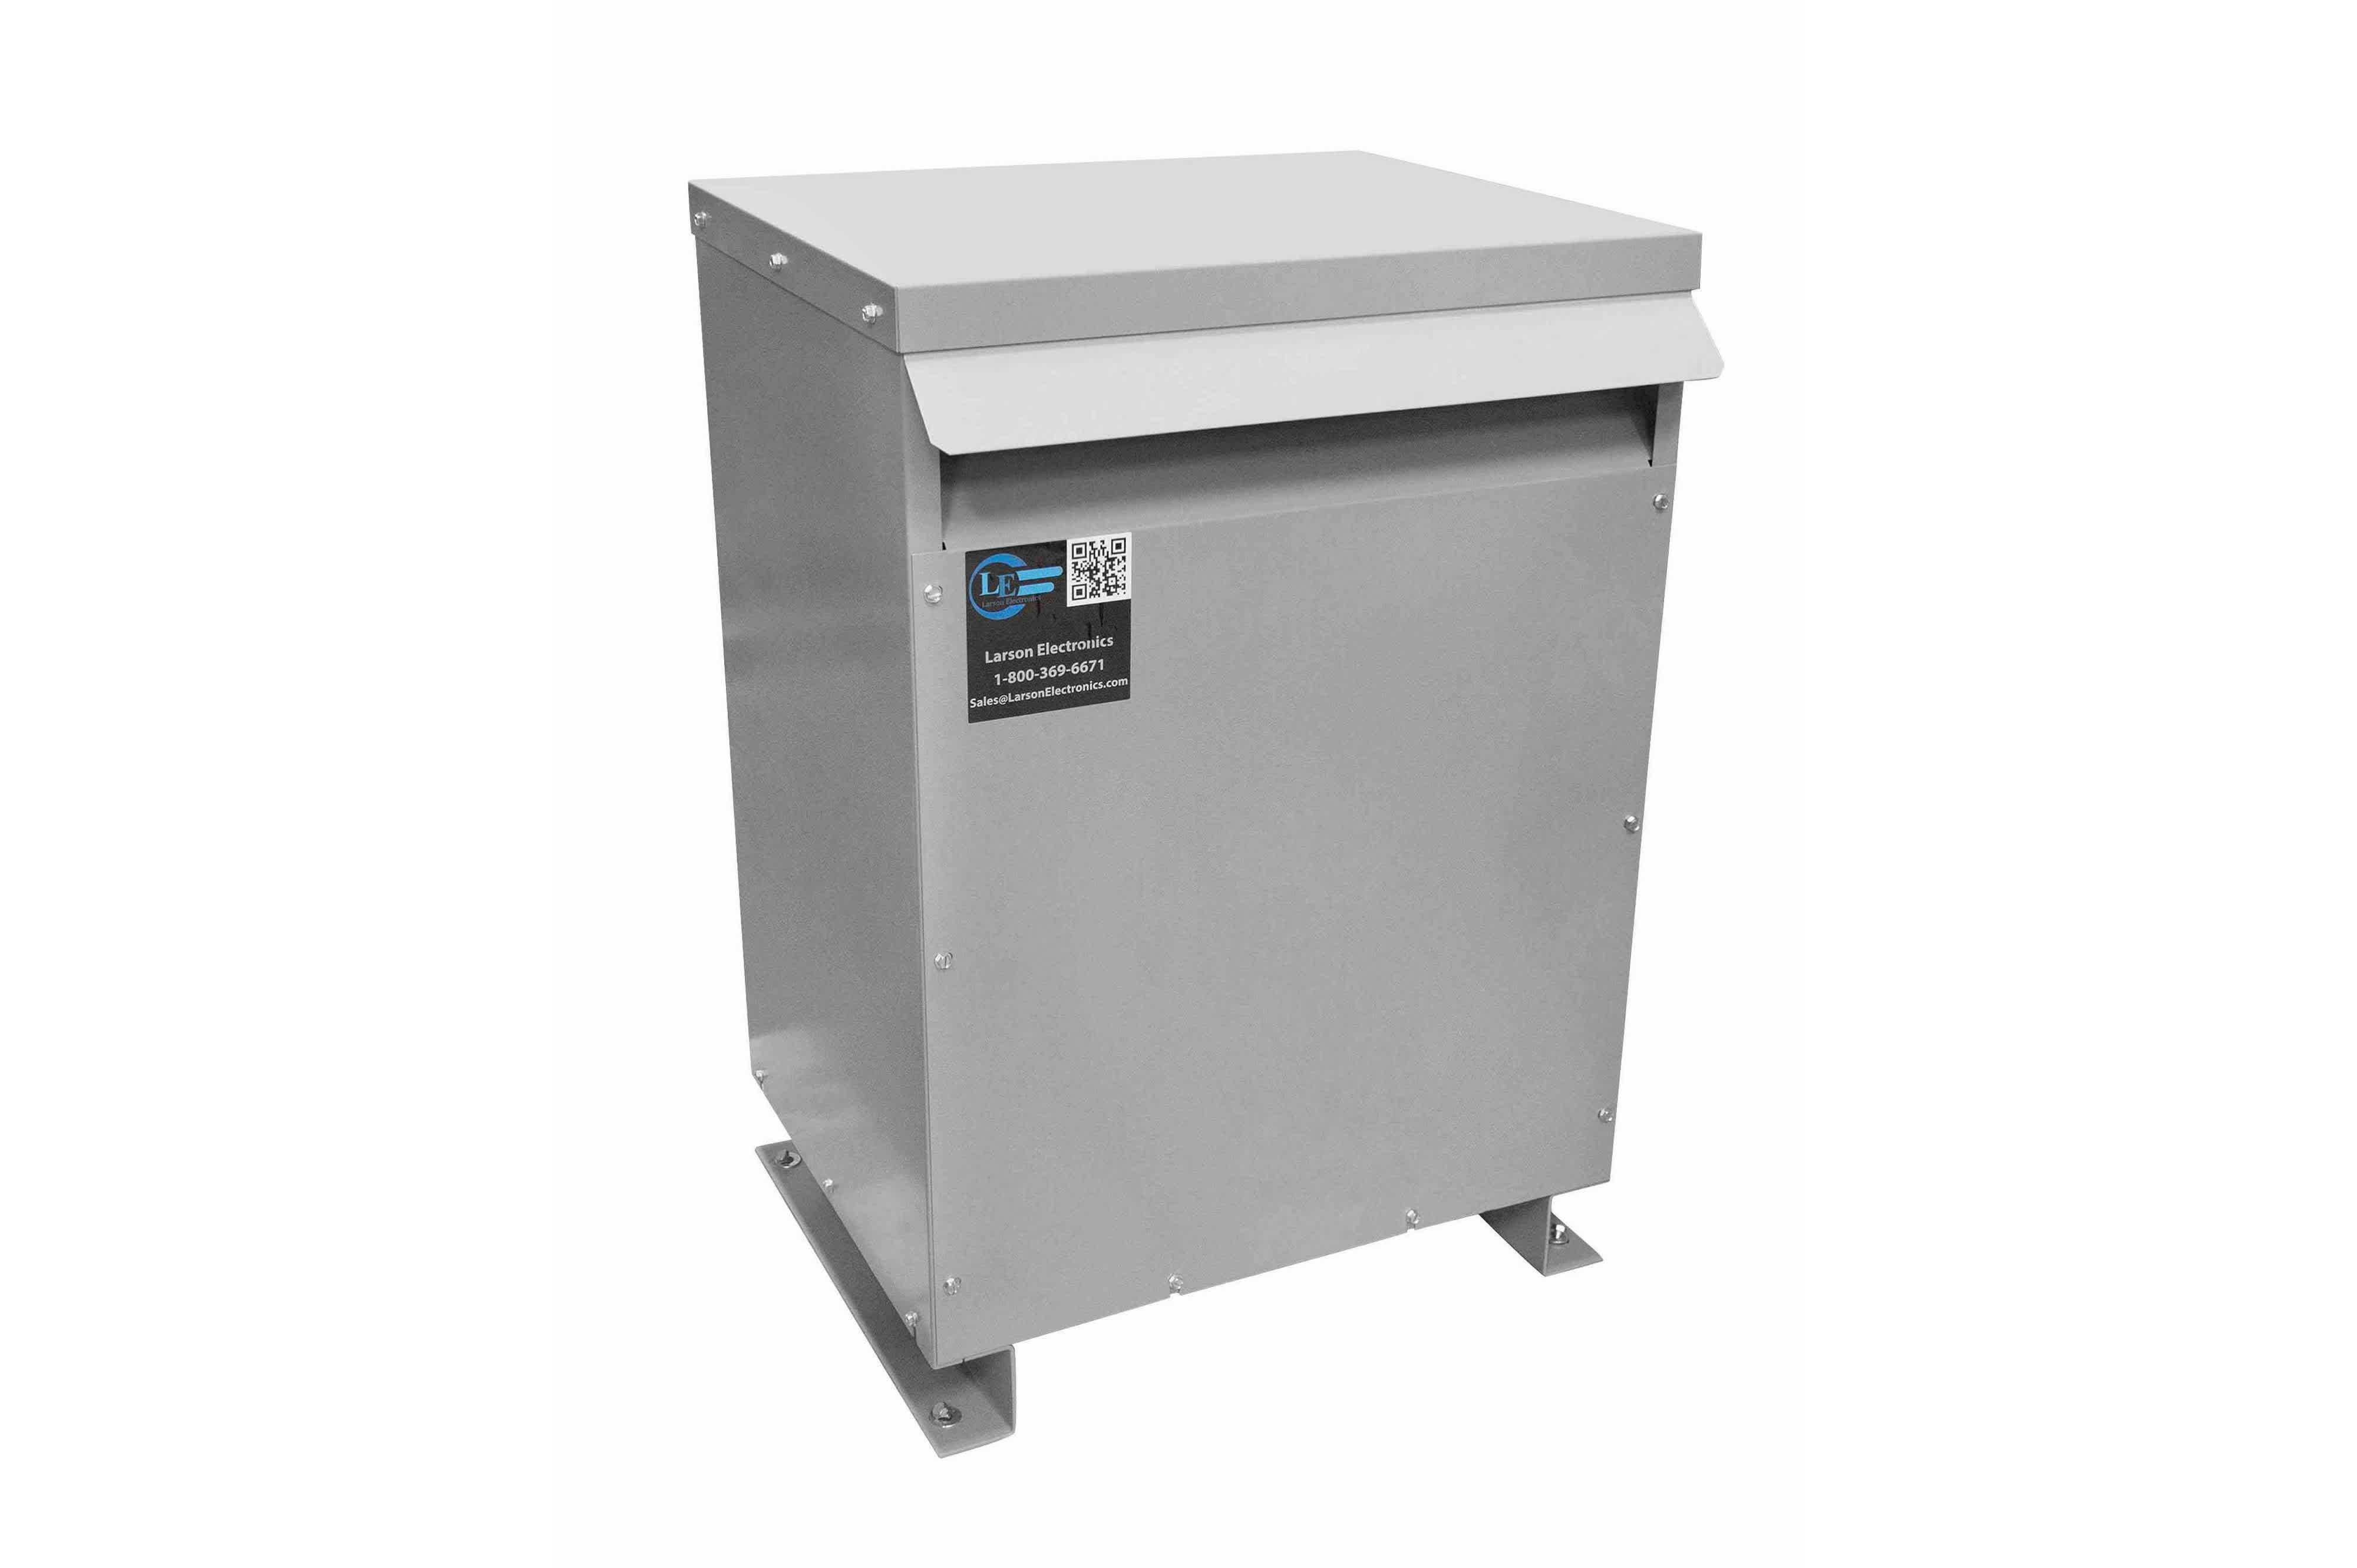 27 kVA 3PH Isolation Transformer, 575V Delta Primary, 415V Delta Secondary, N3R, Ventilated, 60 Hz